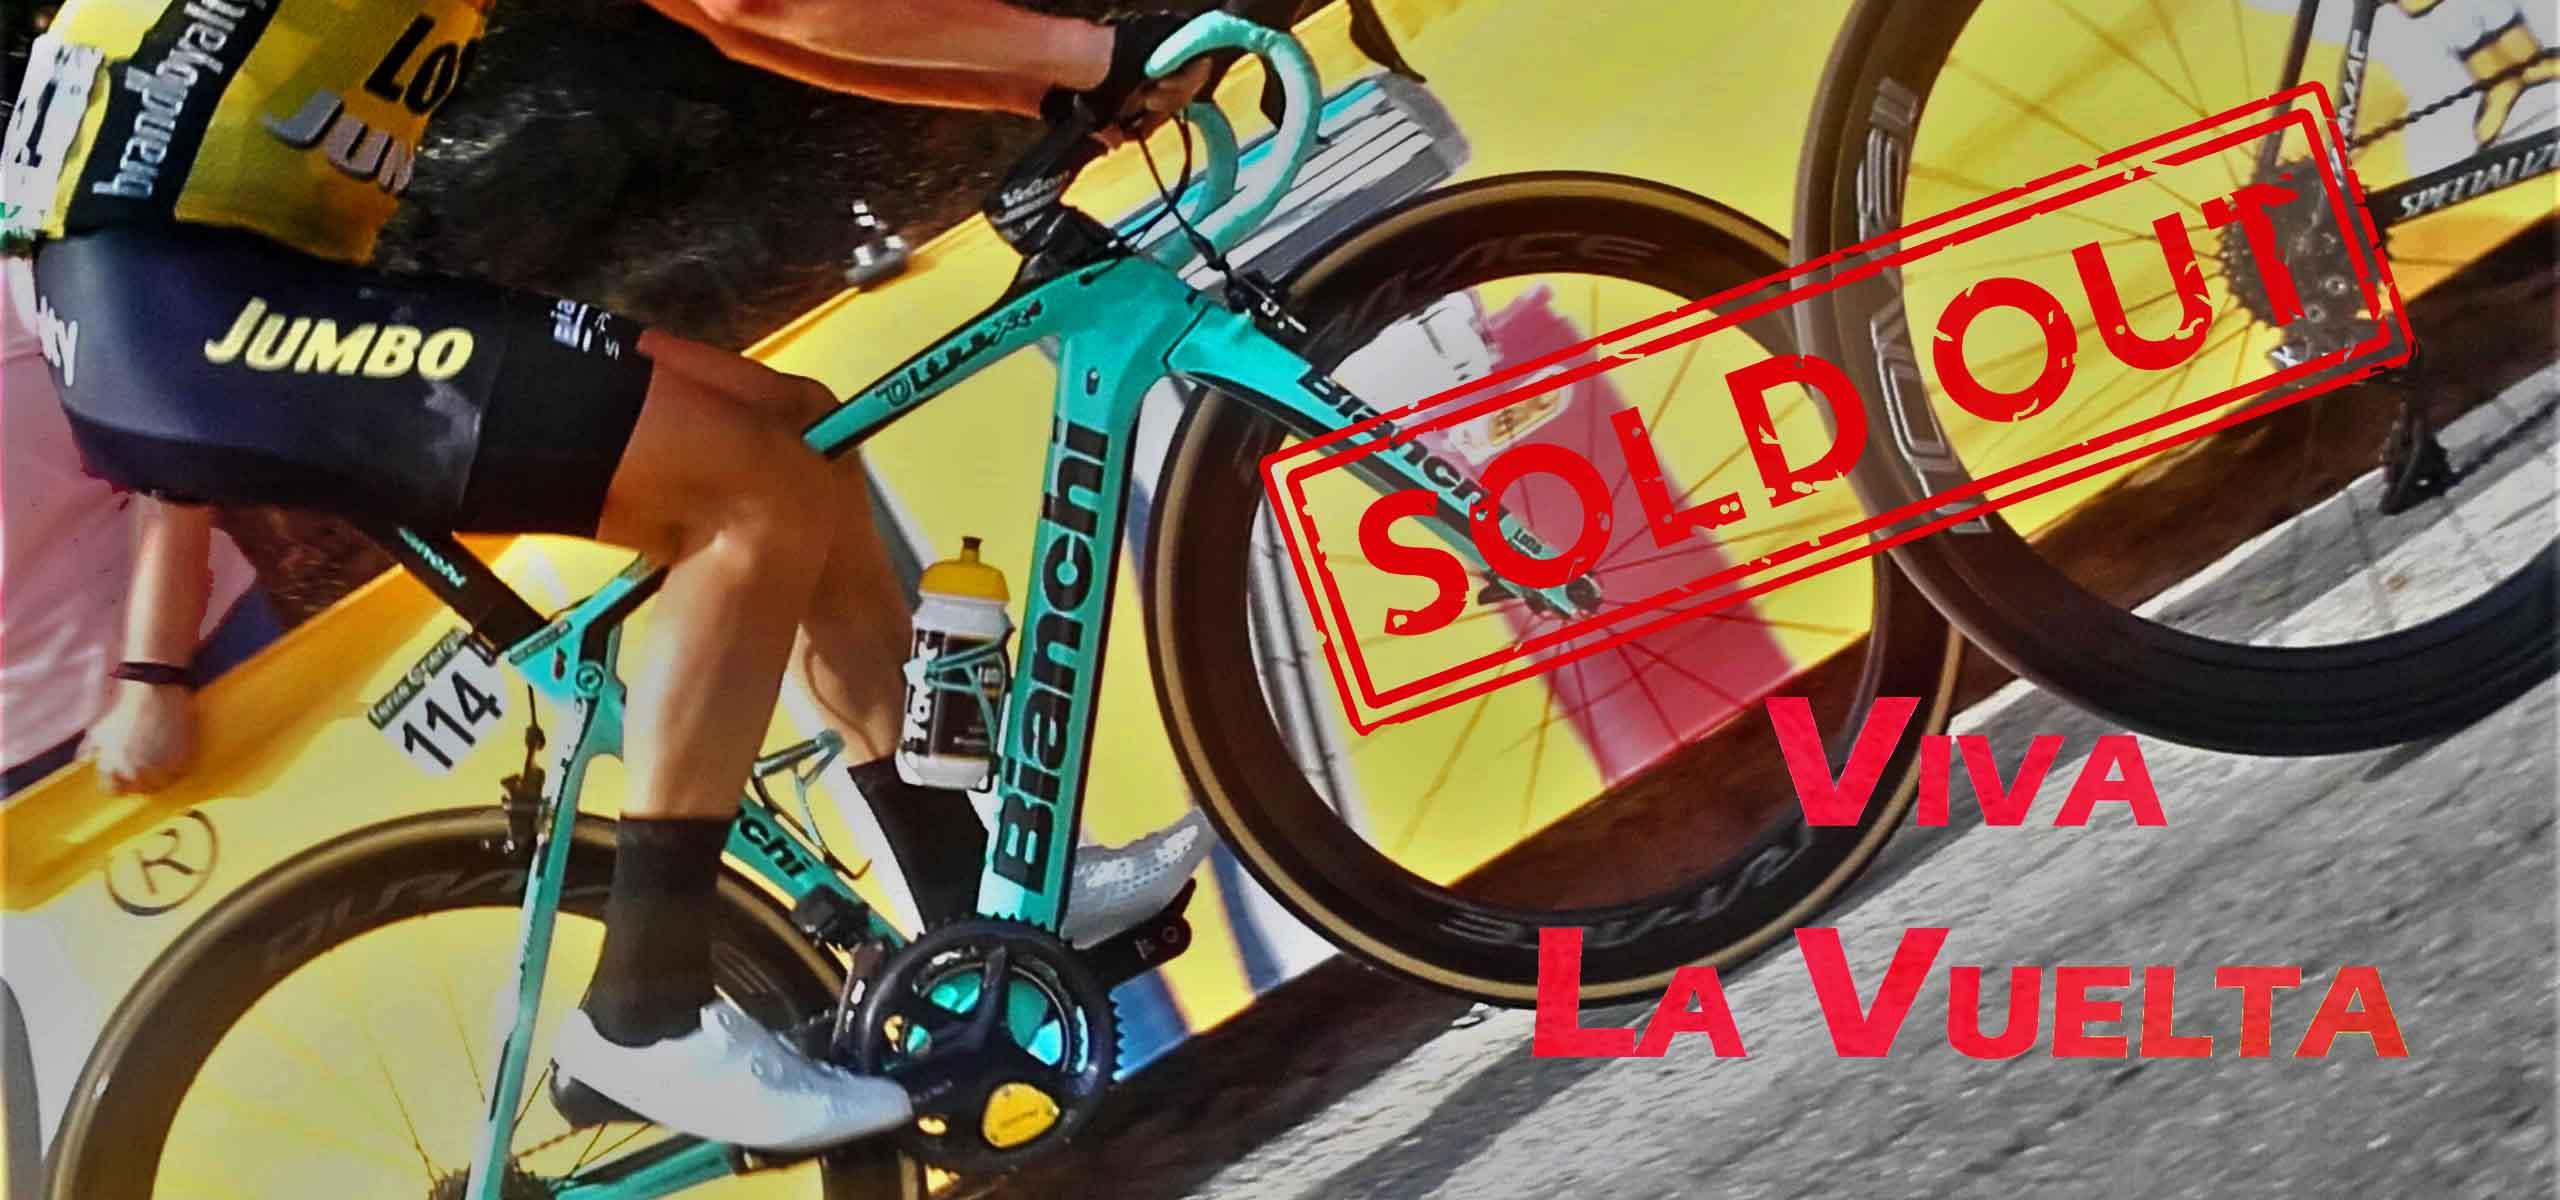 La Vuelta Cycling Tours